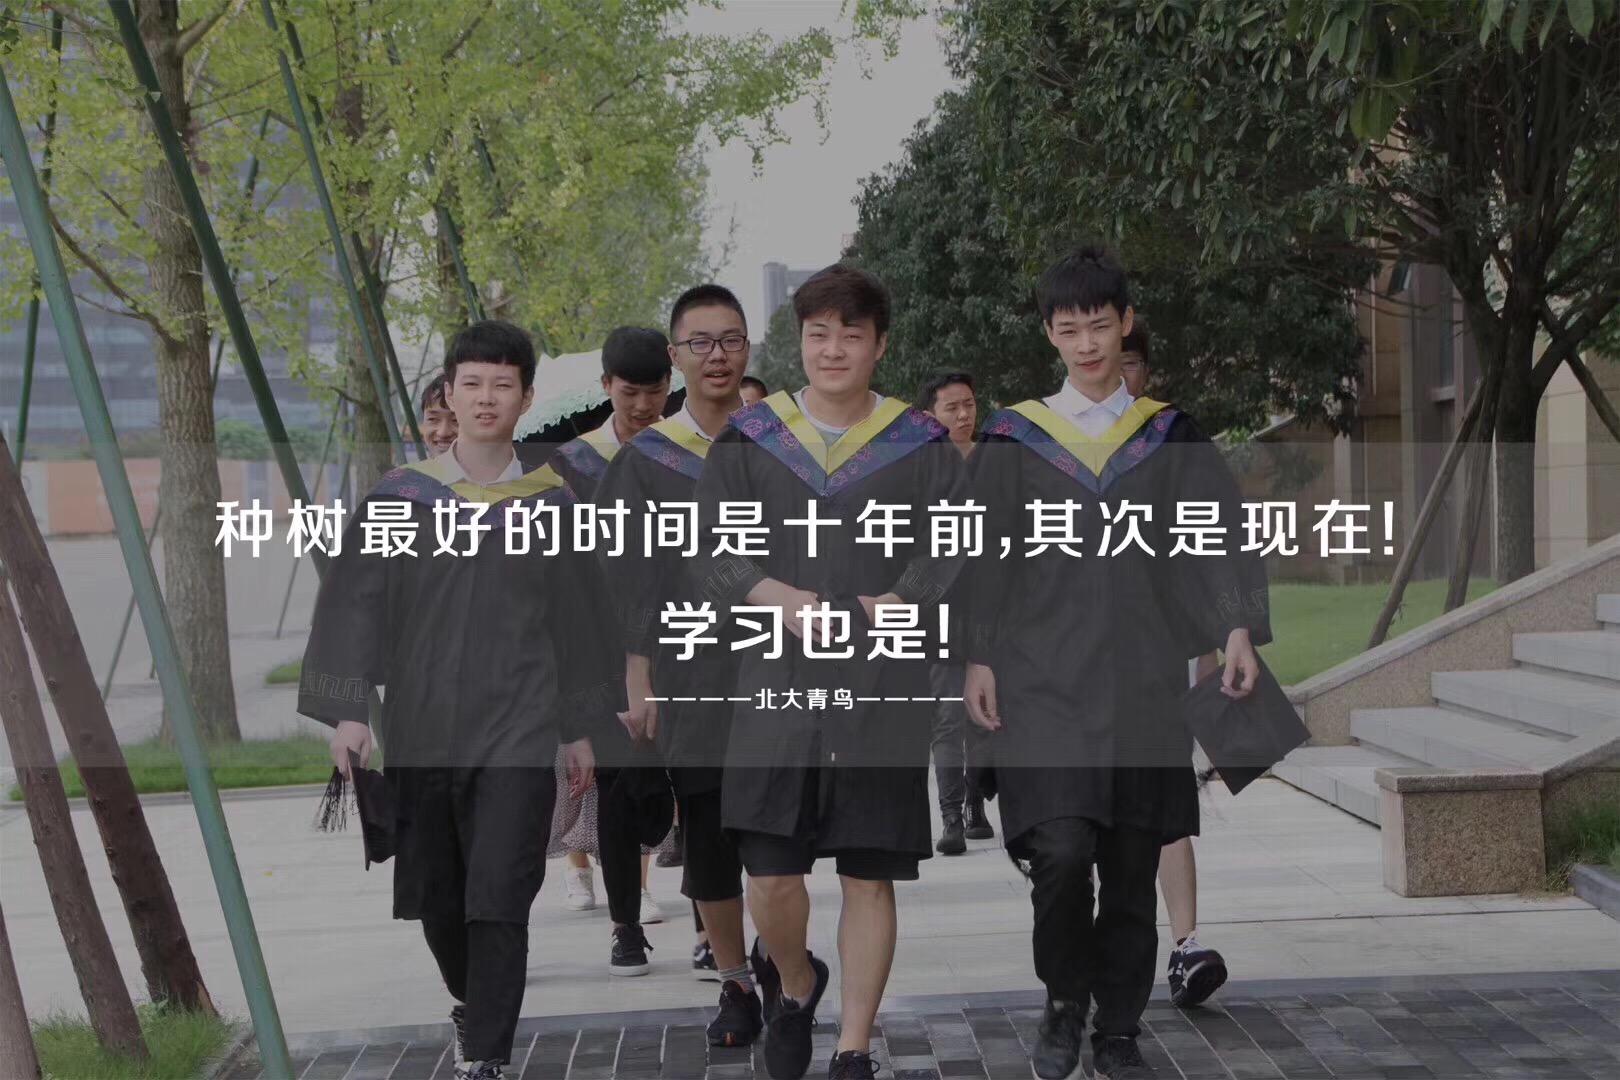 郑州北大青鸟翔天信鸽学校怎么样呢?